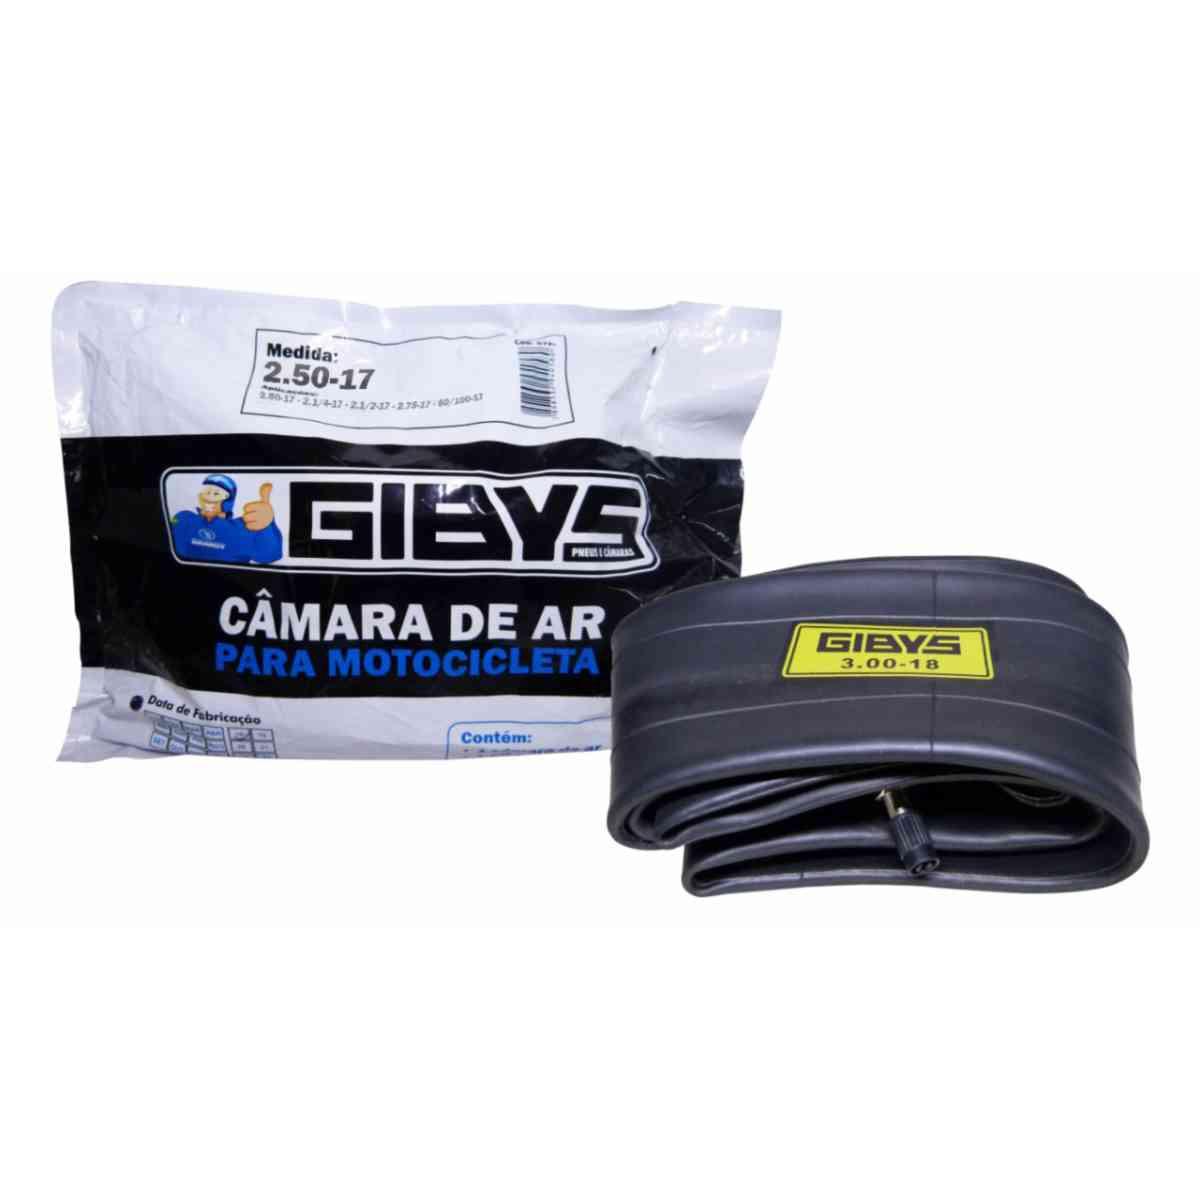 CÂMARA DE AR GIBYS PNEU DIANTEIRO MOTO BIZ 100 / BIZ 125 / POP / WEB R17 REF. 2.50-17